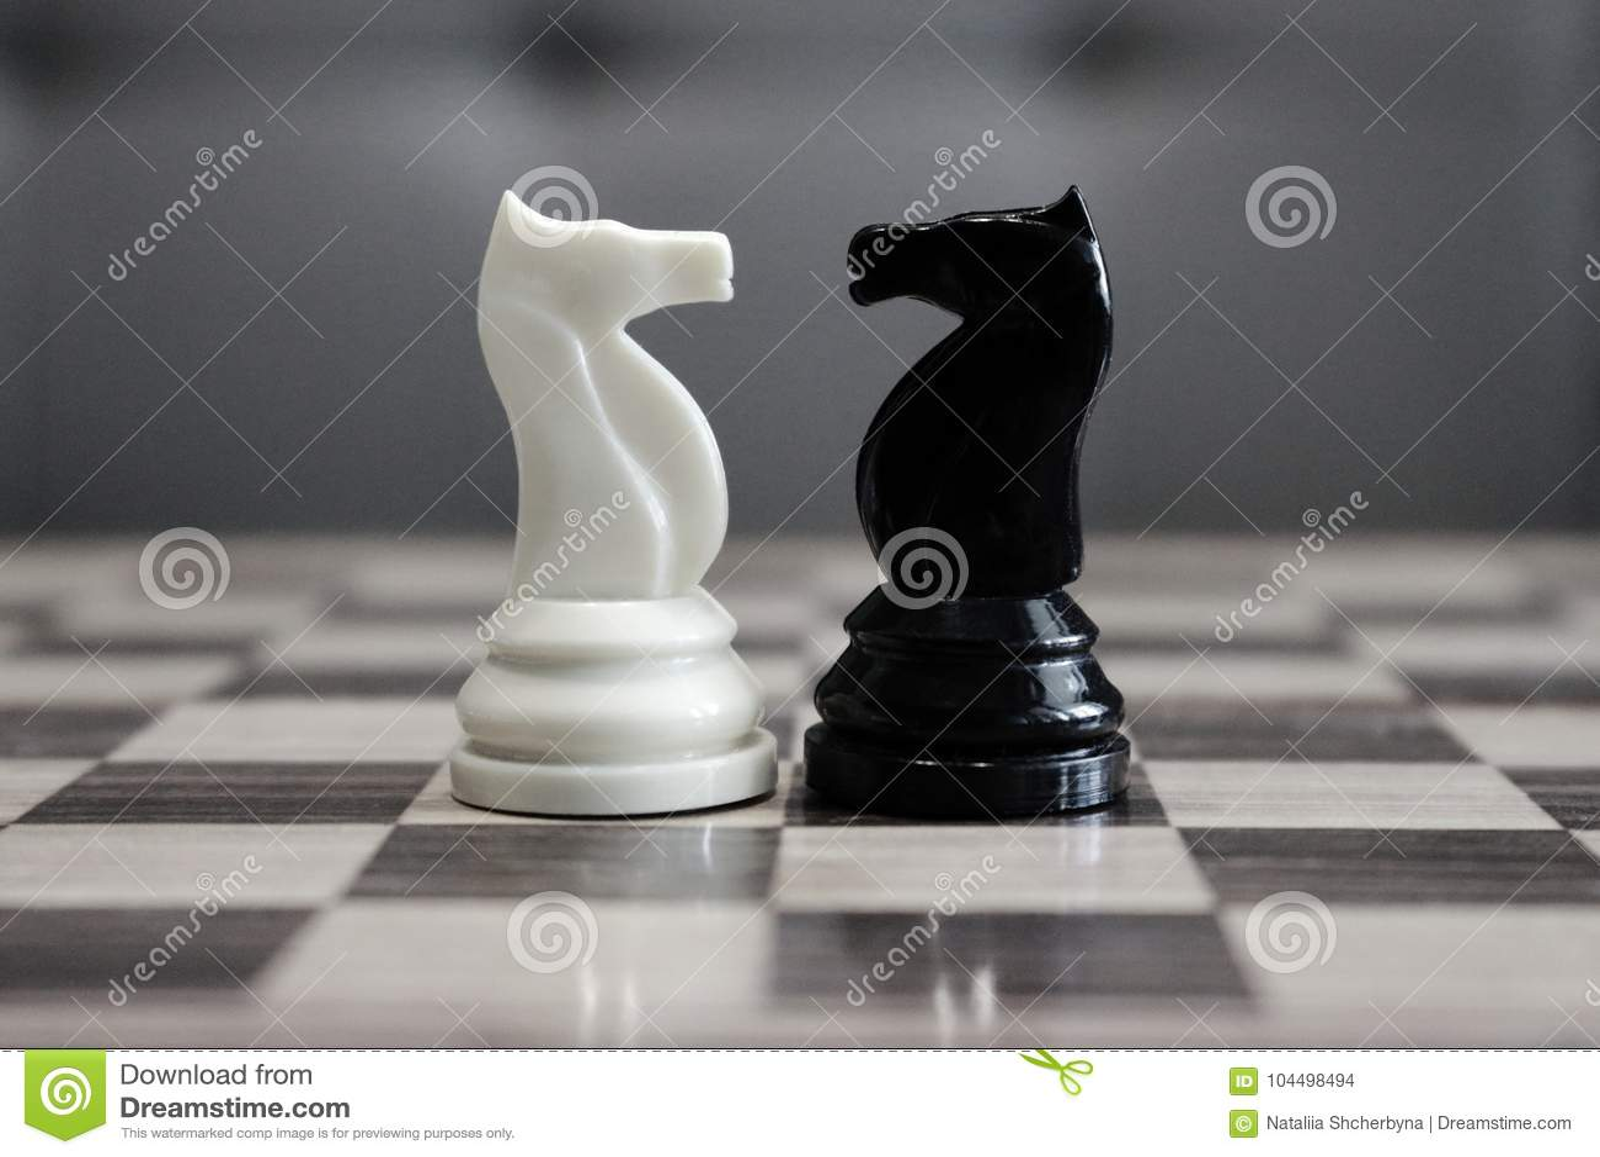 在彼此前面的黑白棋马作为挑战和竞争概念